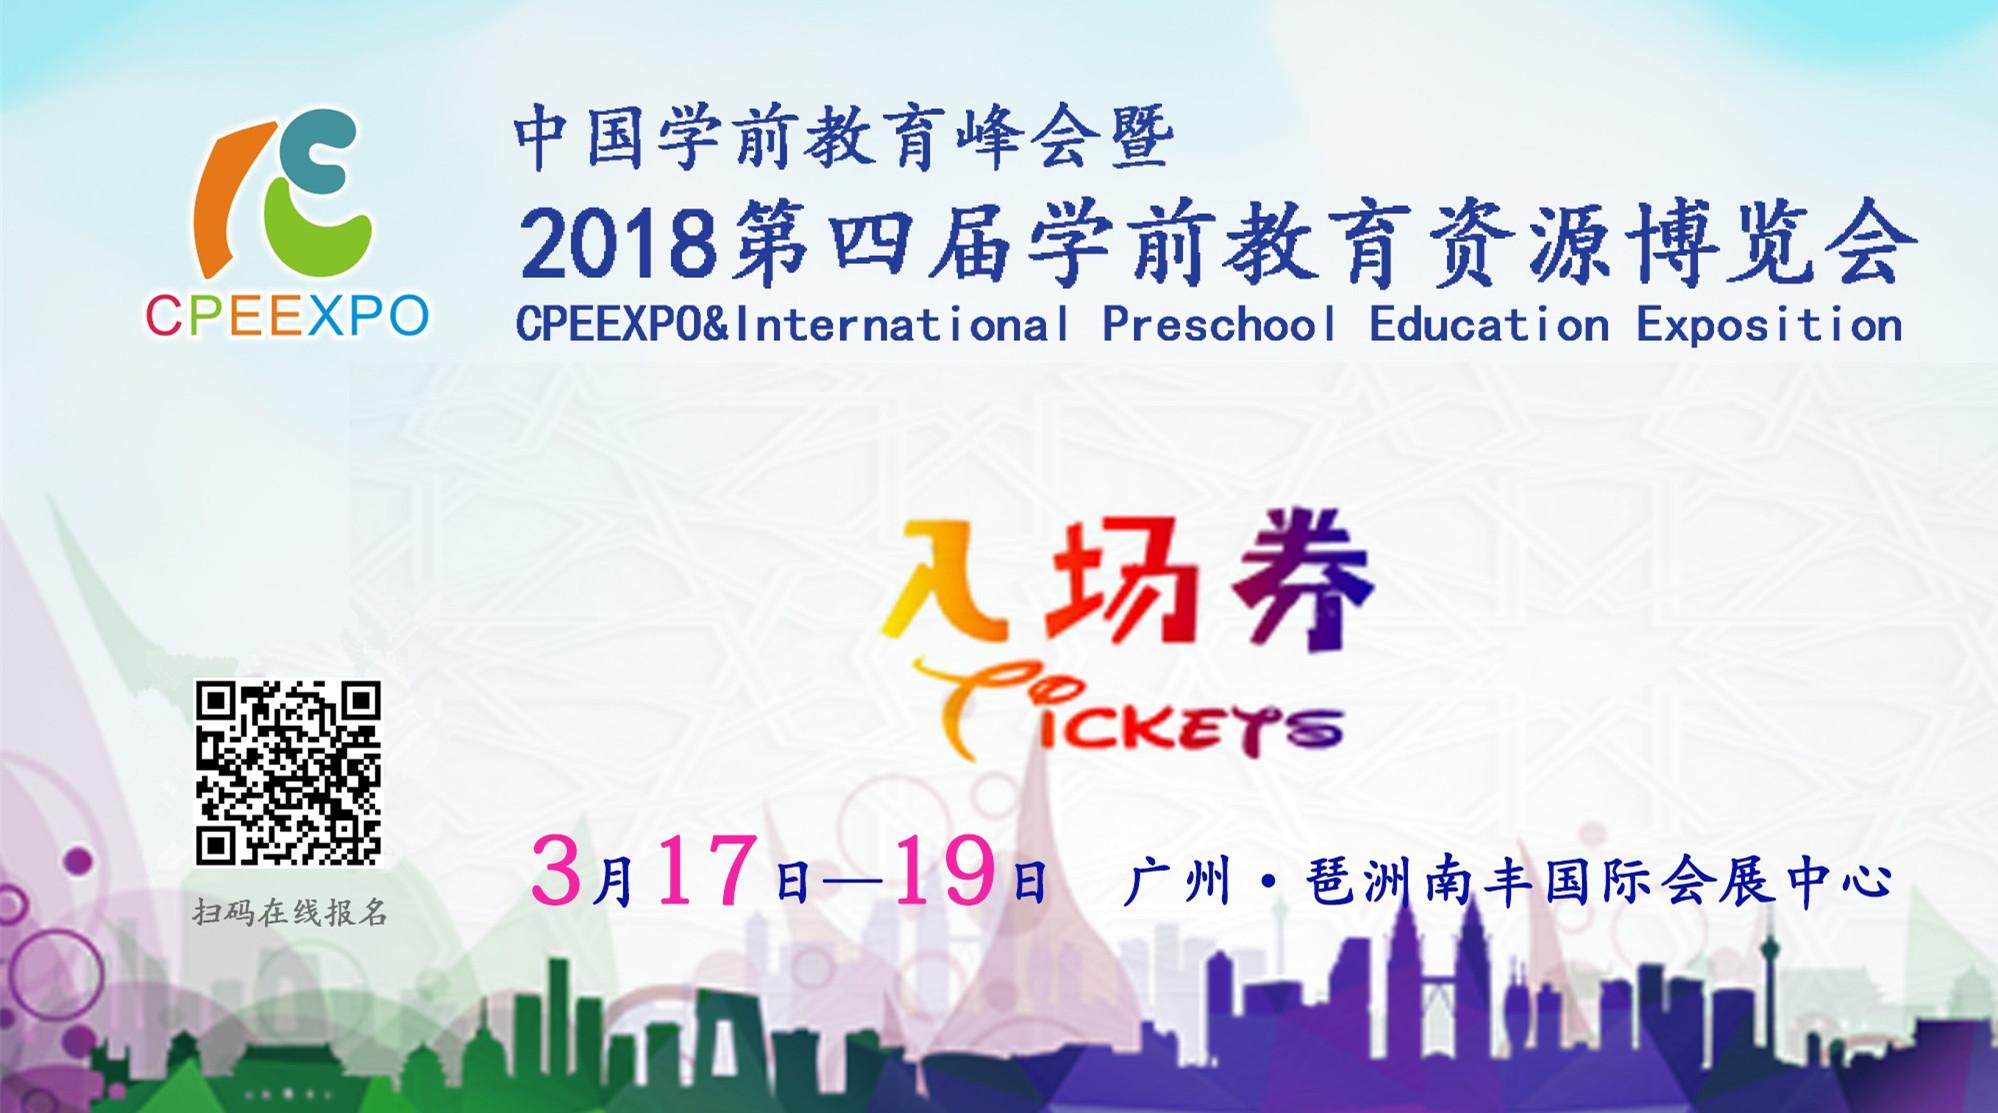 中国学前教育峰会暨广州幼教展招商招展